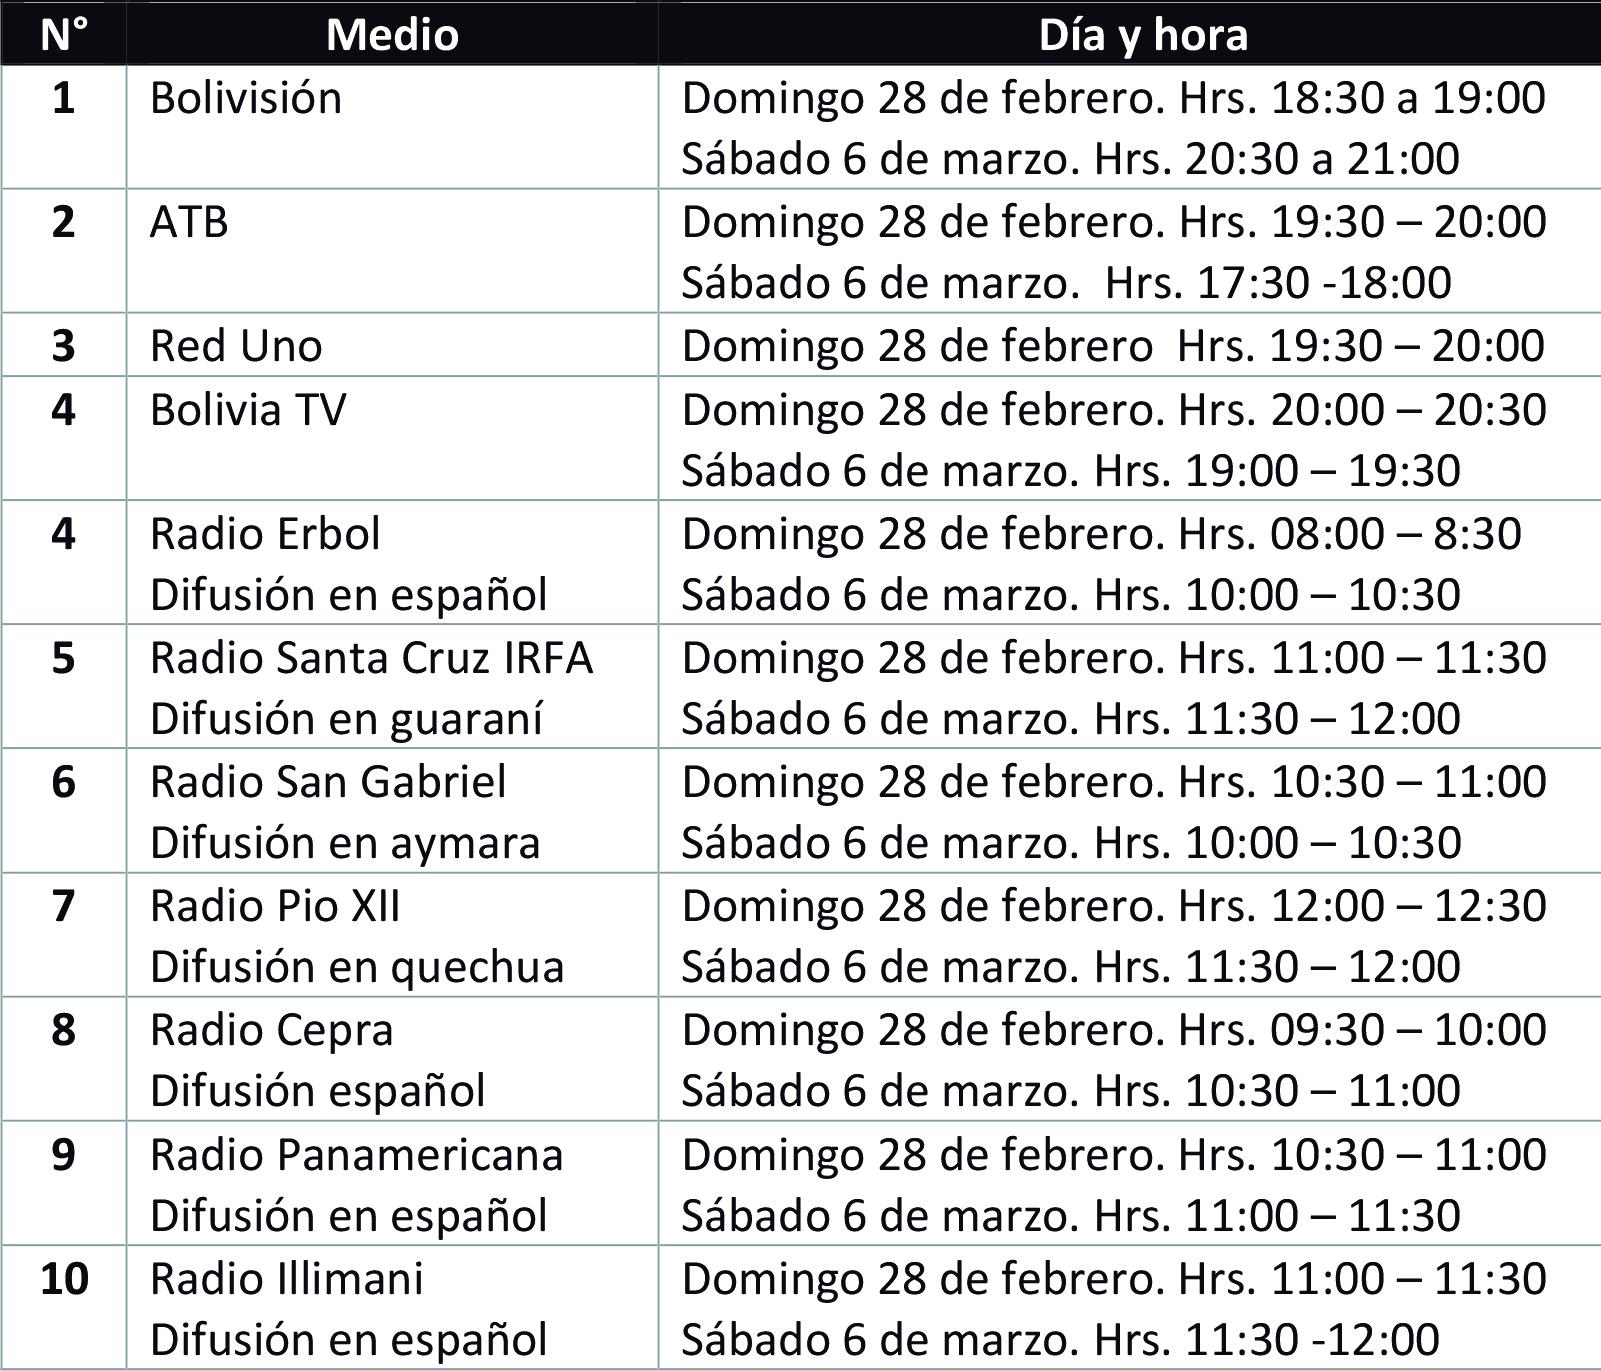 horariosprograma